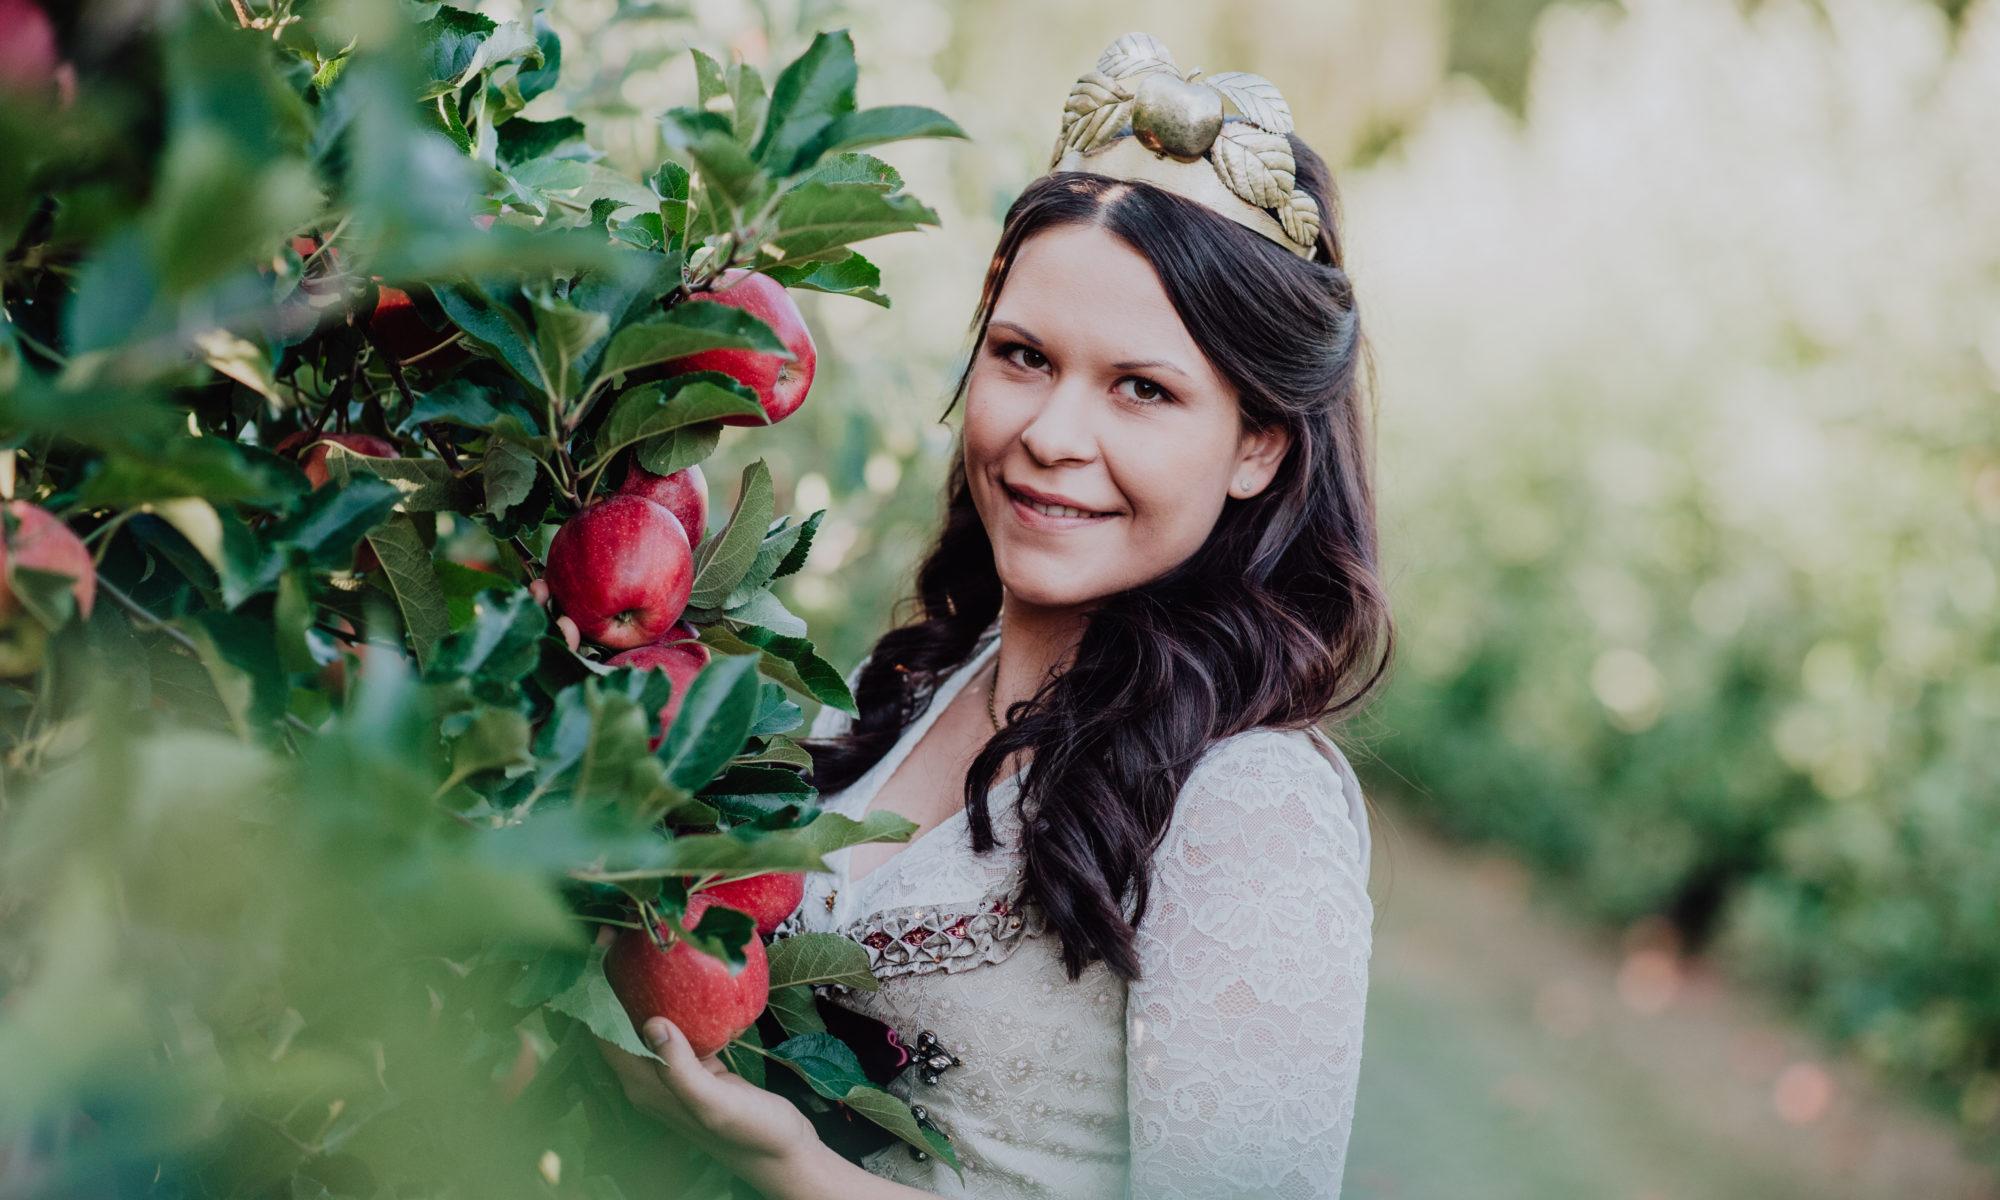 Die fränkische Apfelkönigin Marion Gold bei Ihrer Krönung 2019 in Elsenfeld. | Foto: Fränkische Obstbauern e. V.